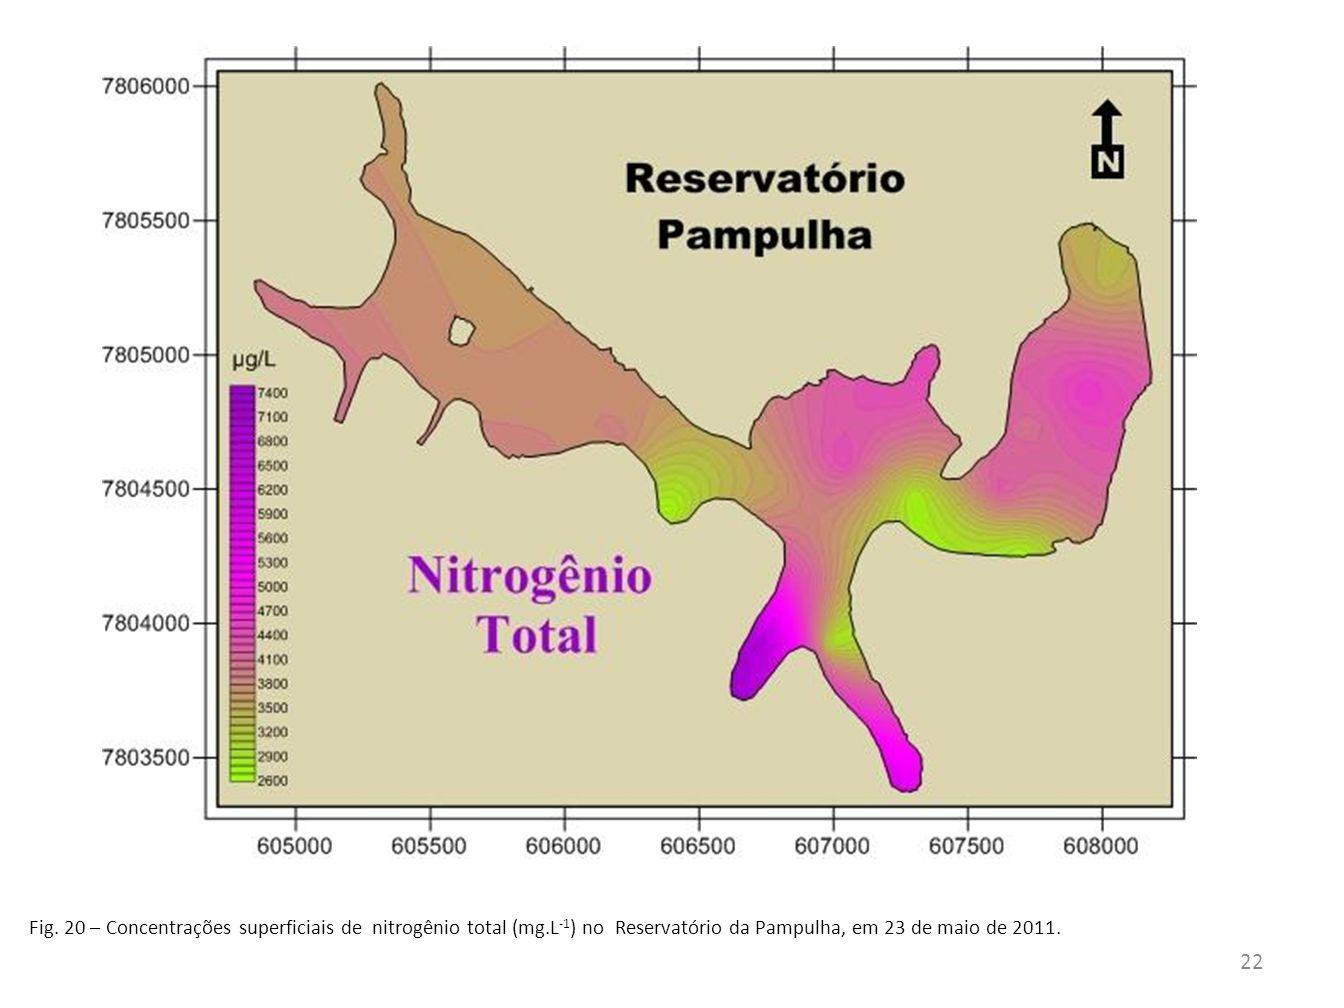 Fig. 20 – Concentrações superficiais de nitrogênio total (mg